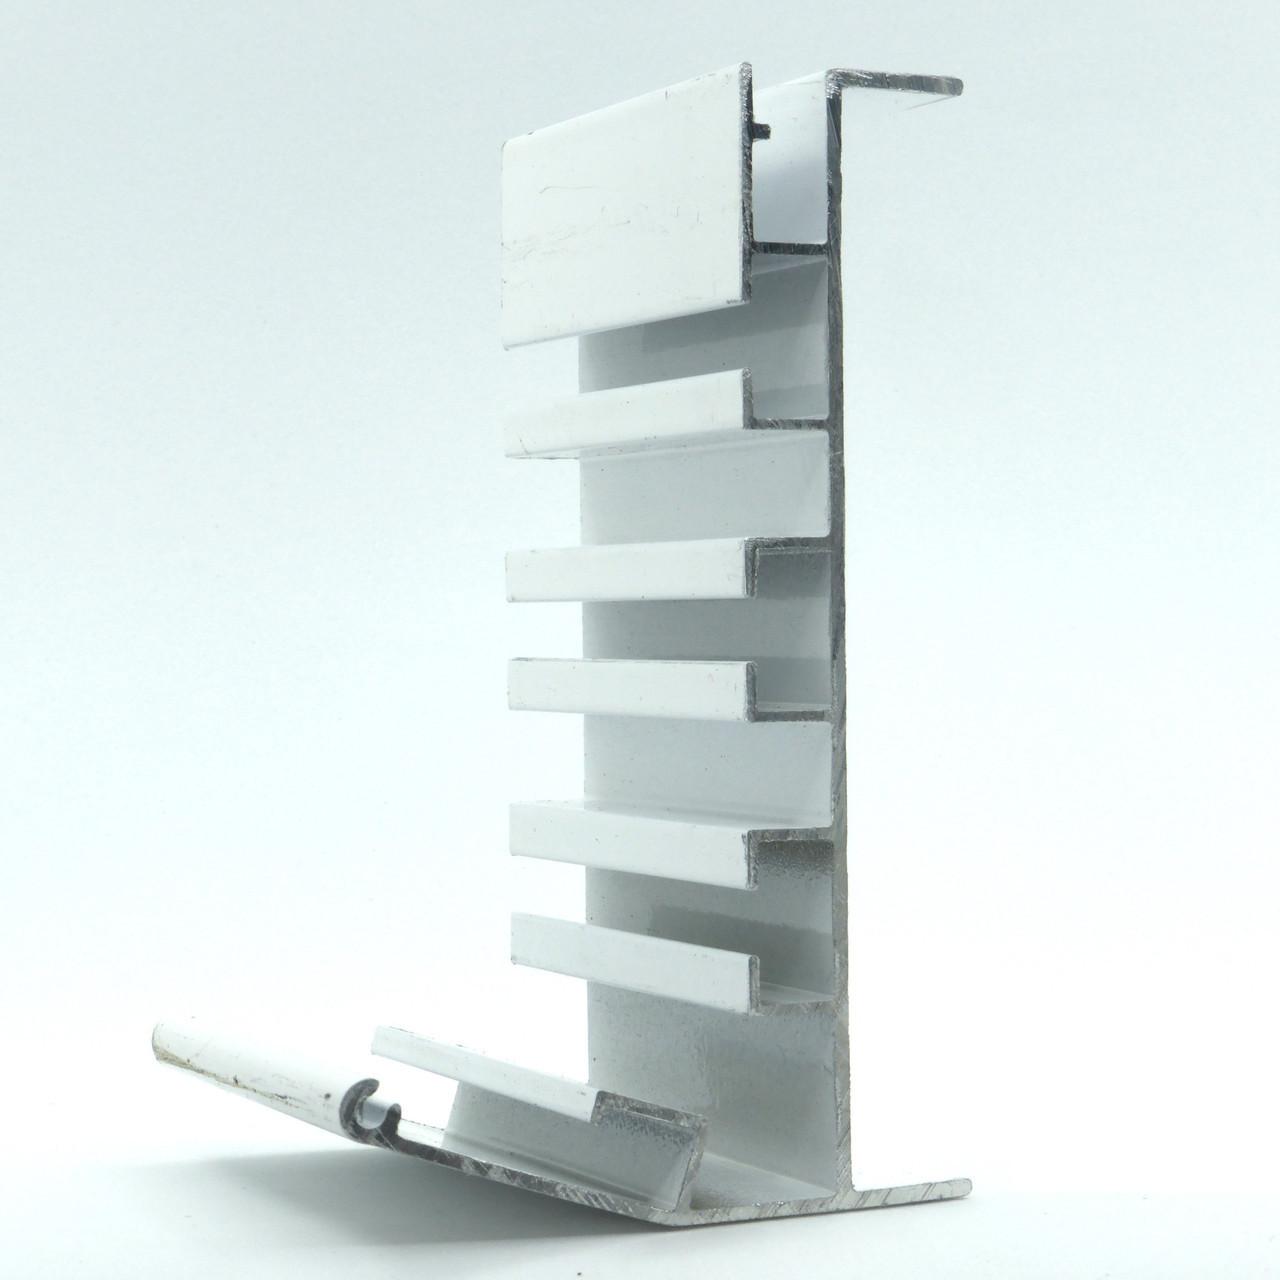 Профиль алюминиевый для натяжных потолков - Гардина трехполосный. Длина профиля 2,5 м.